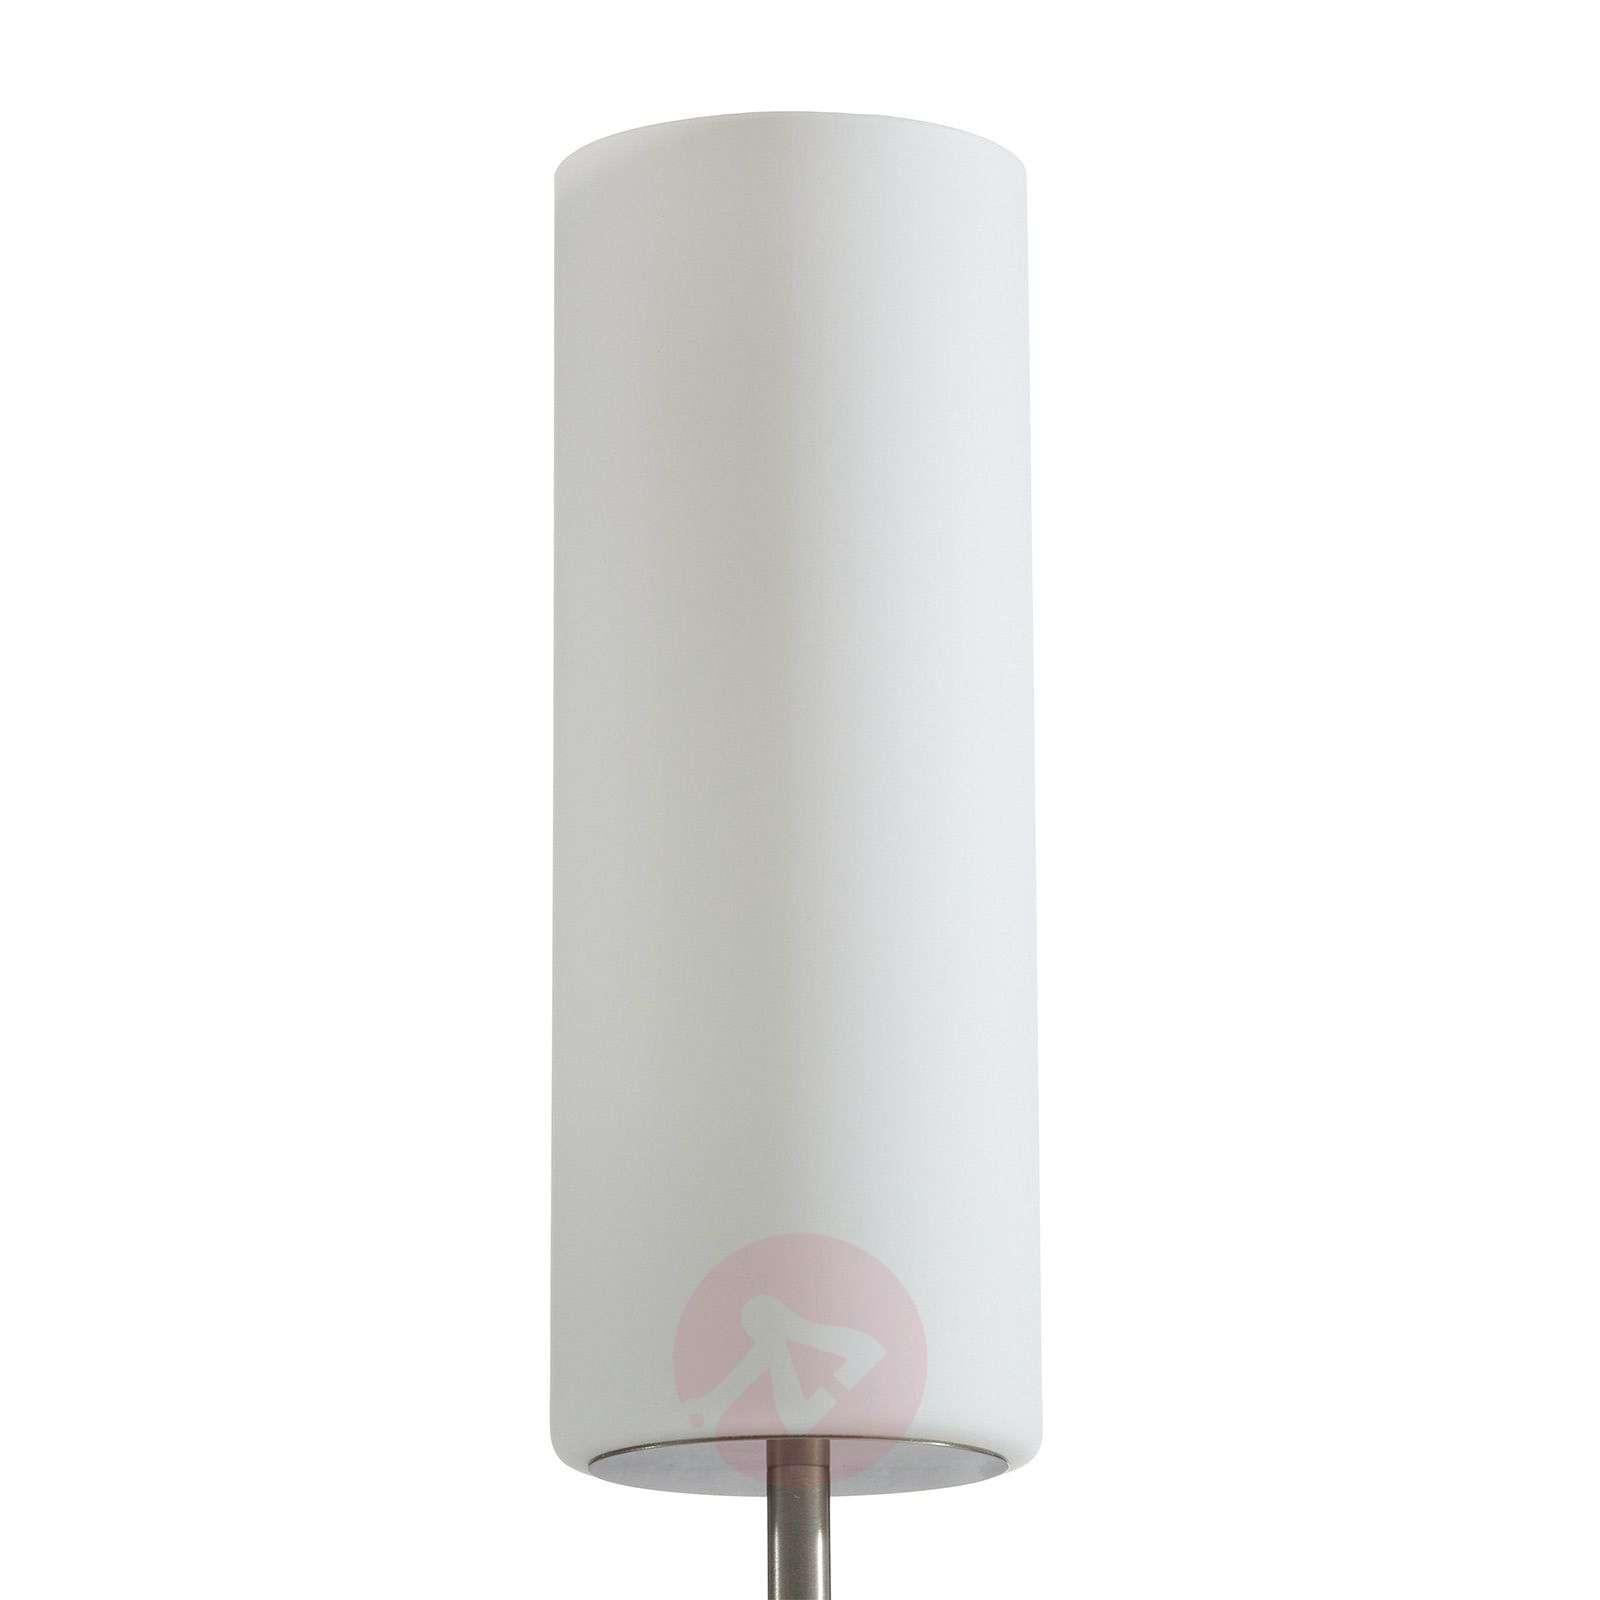 Valkoinen KELVIN-LED-pöytävalaisin-3031193-01